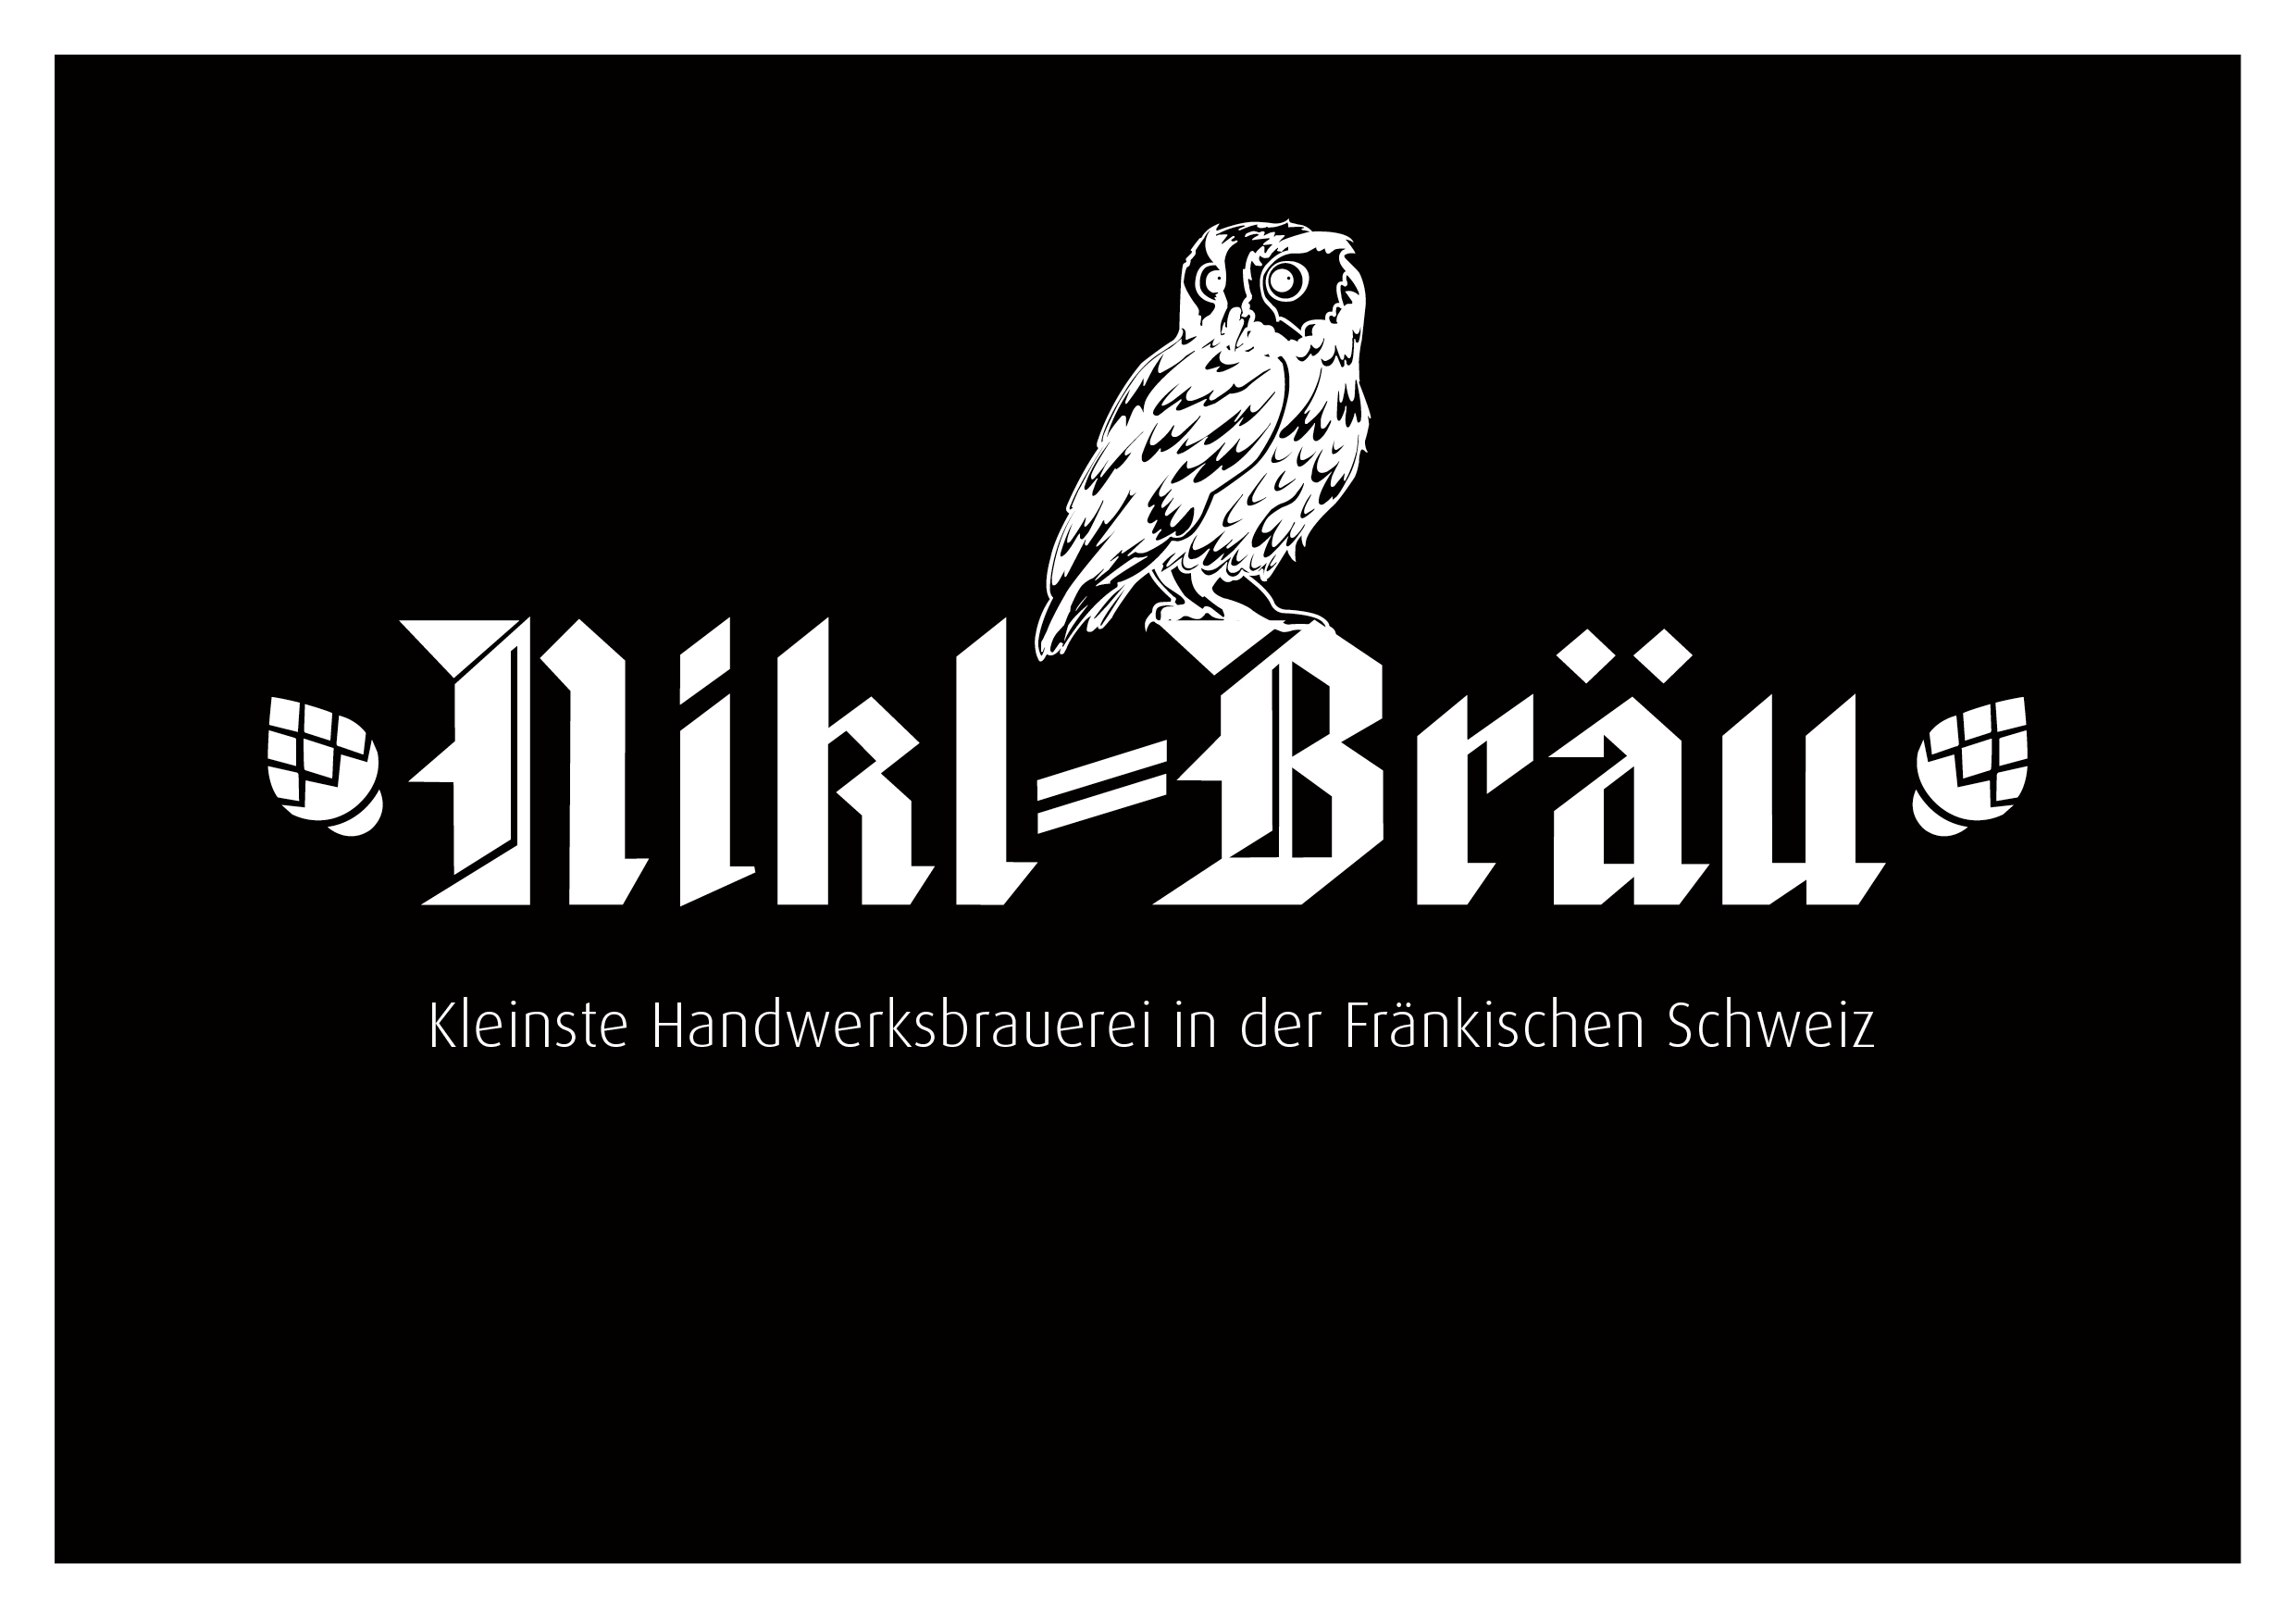 Cafe Bistro Hirschaid